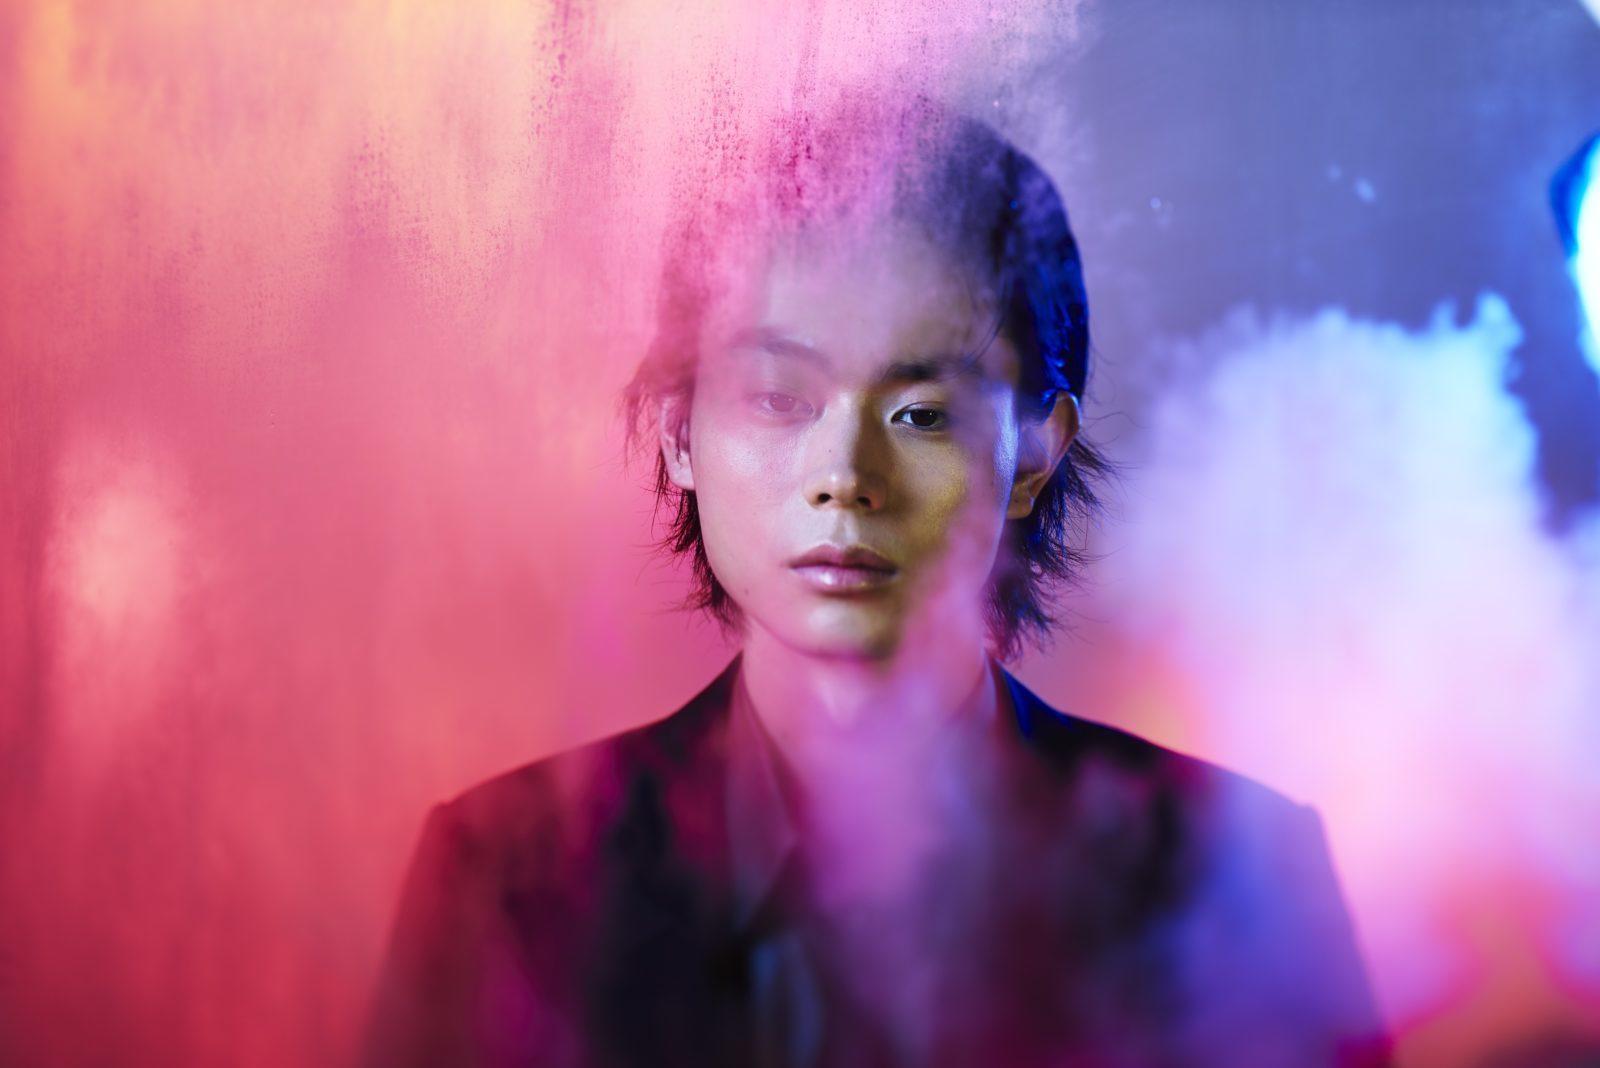 菅田将暉、超多忙スケジュールでの睡眠時間に驚きの声「すごい」「ほんとか??」サムネイル画像